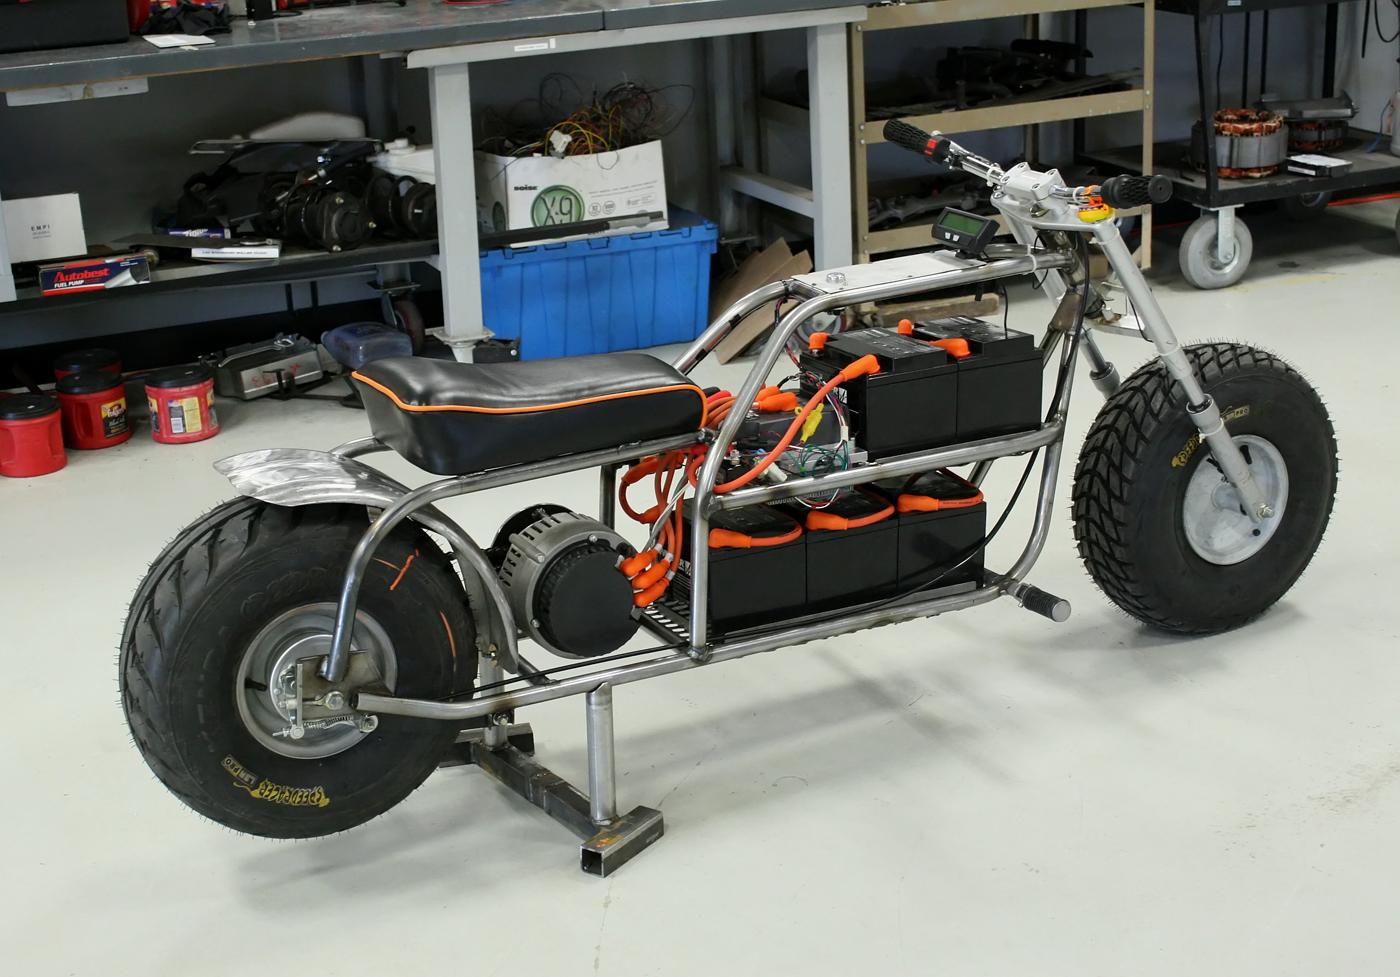 Ss on Drag Mini Bike